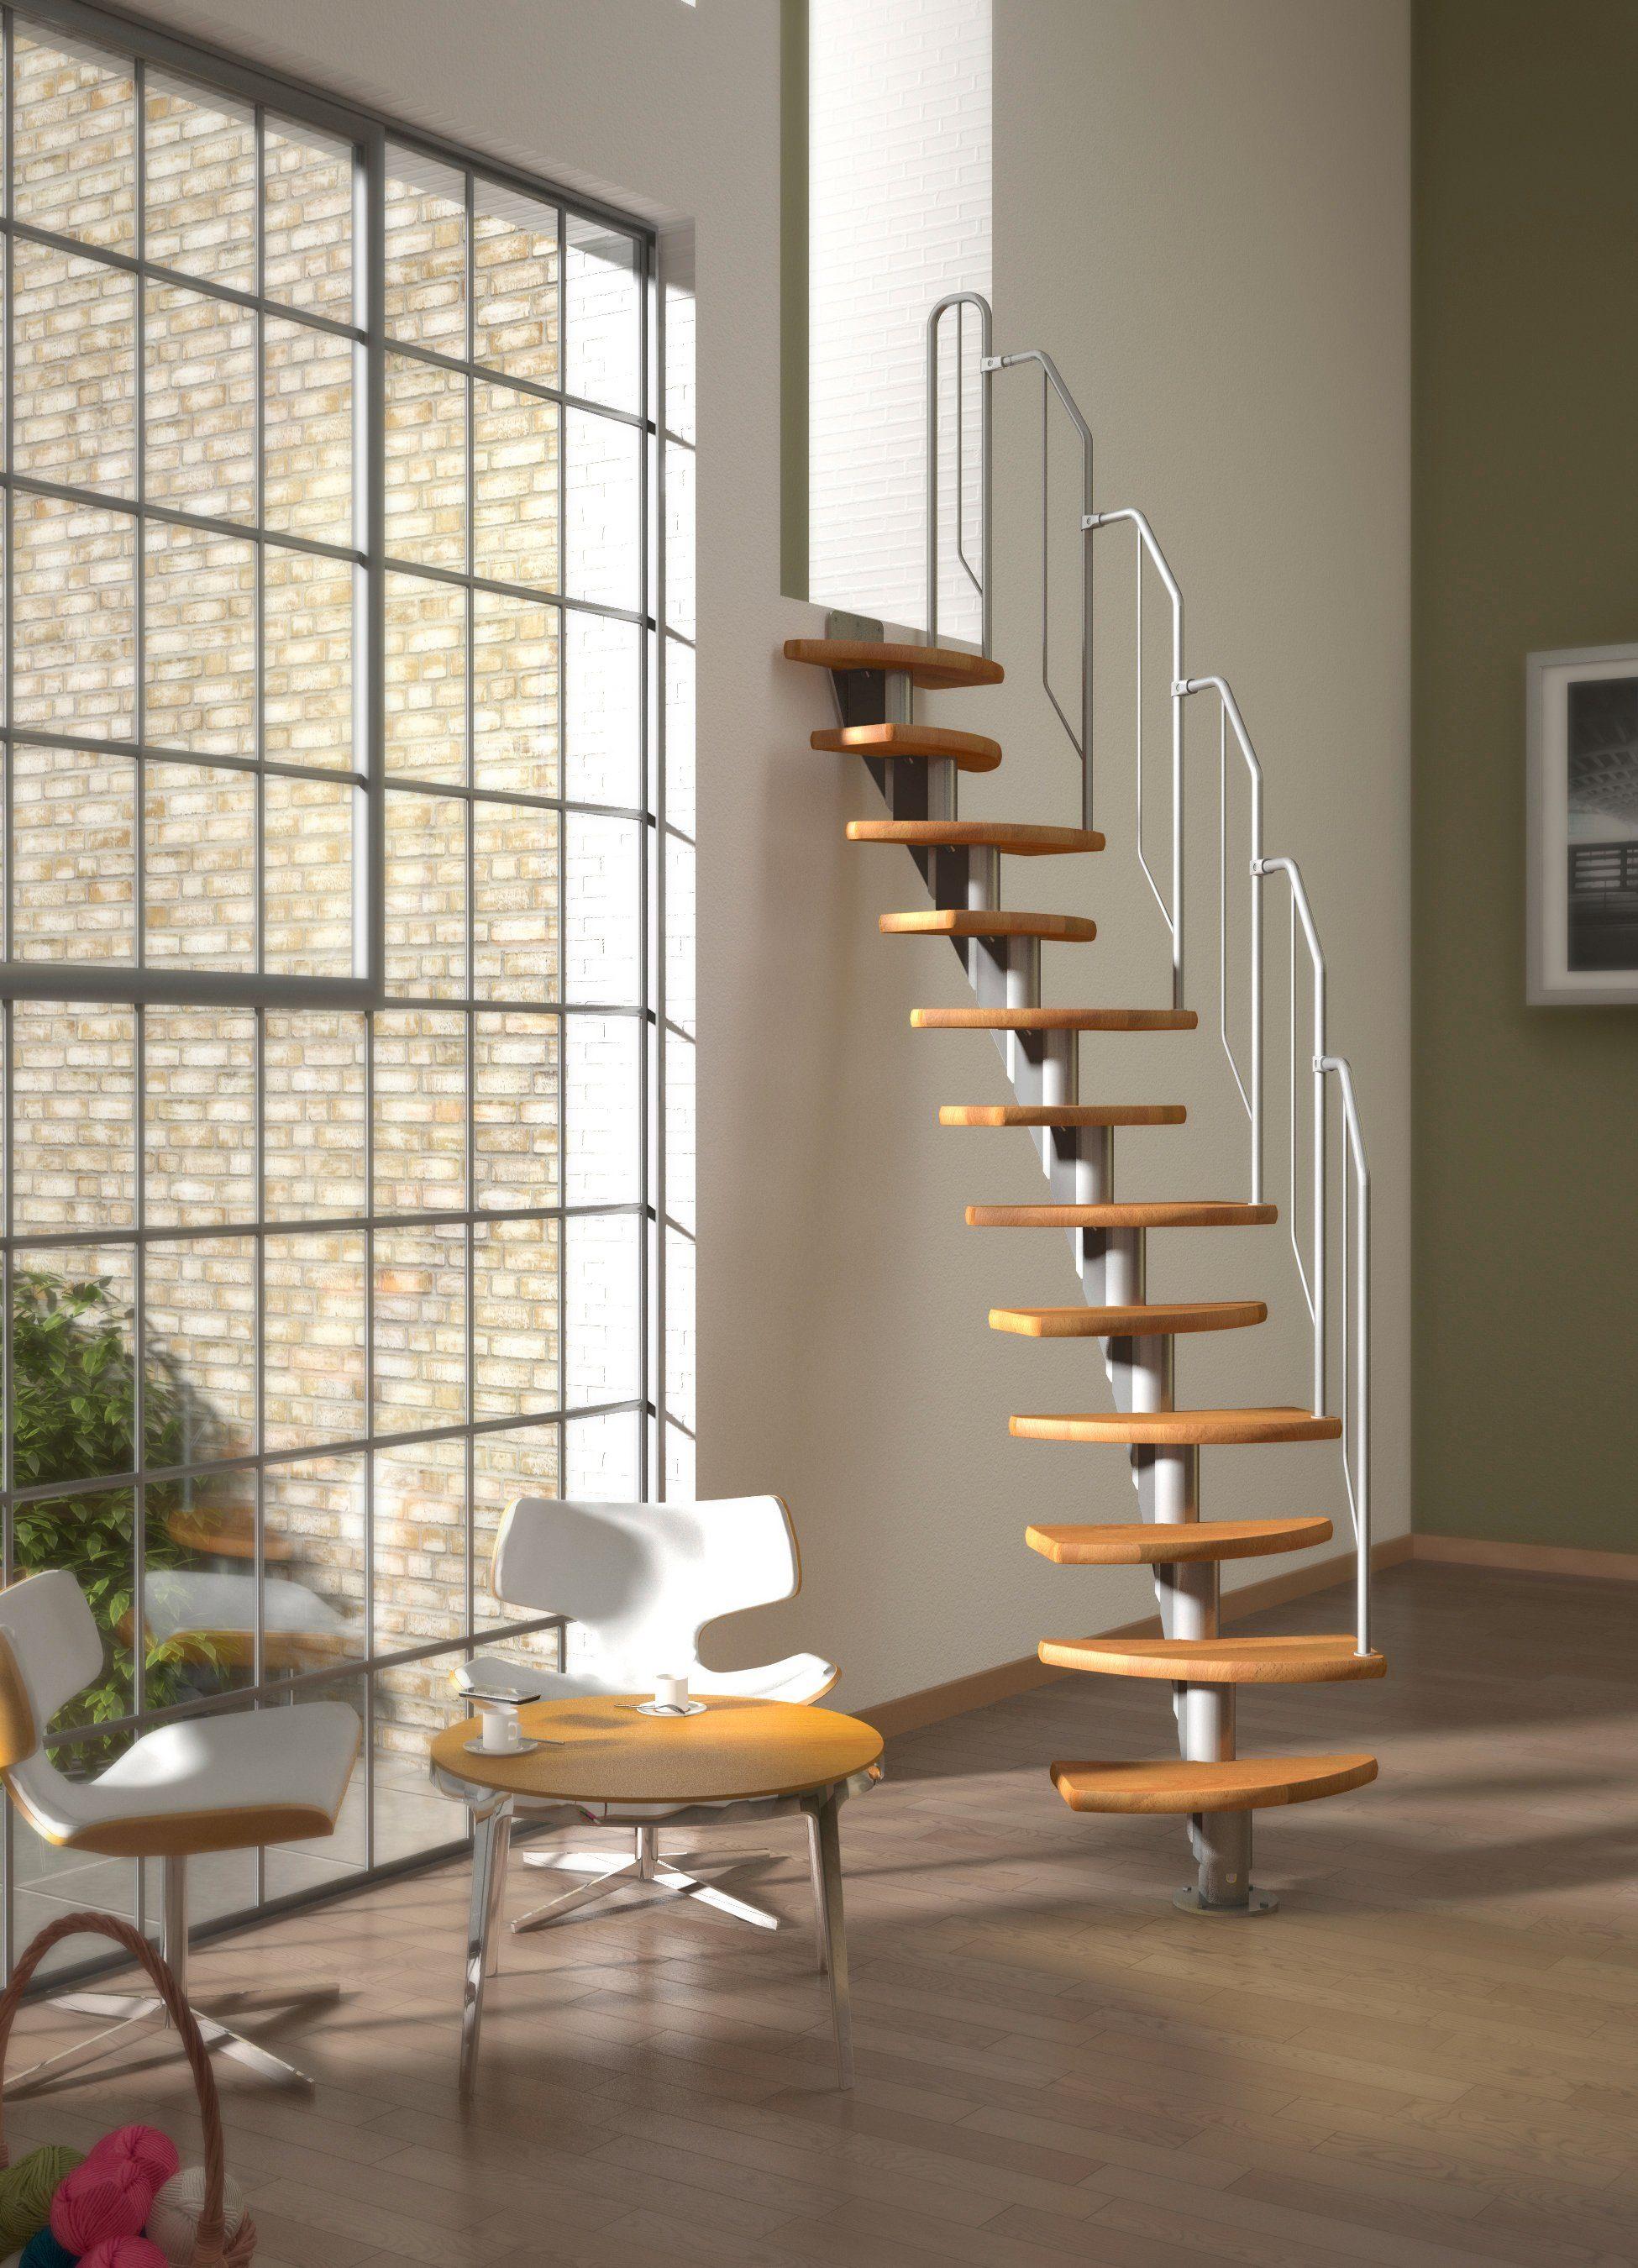 DOLLE Systemtreppe »Berlin«, Metallgeländer und -handlauf, Buche, BxH: 64x270 cm